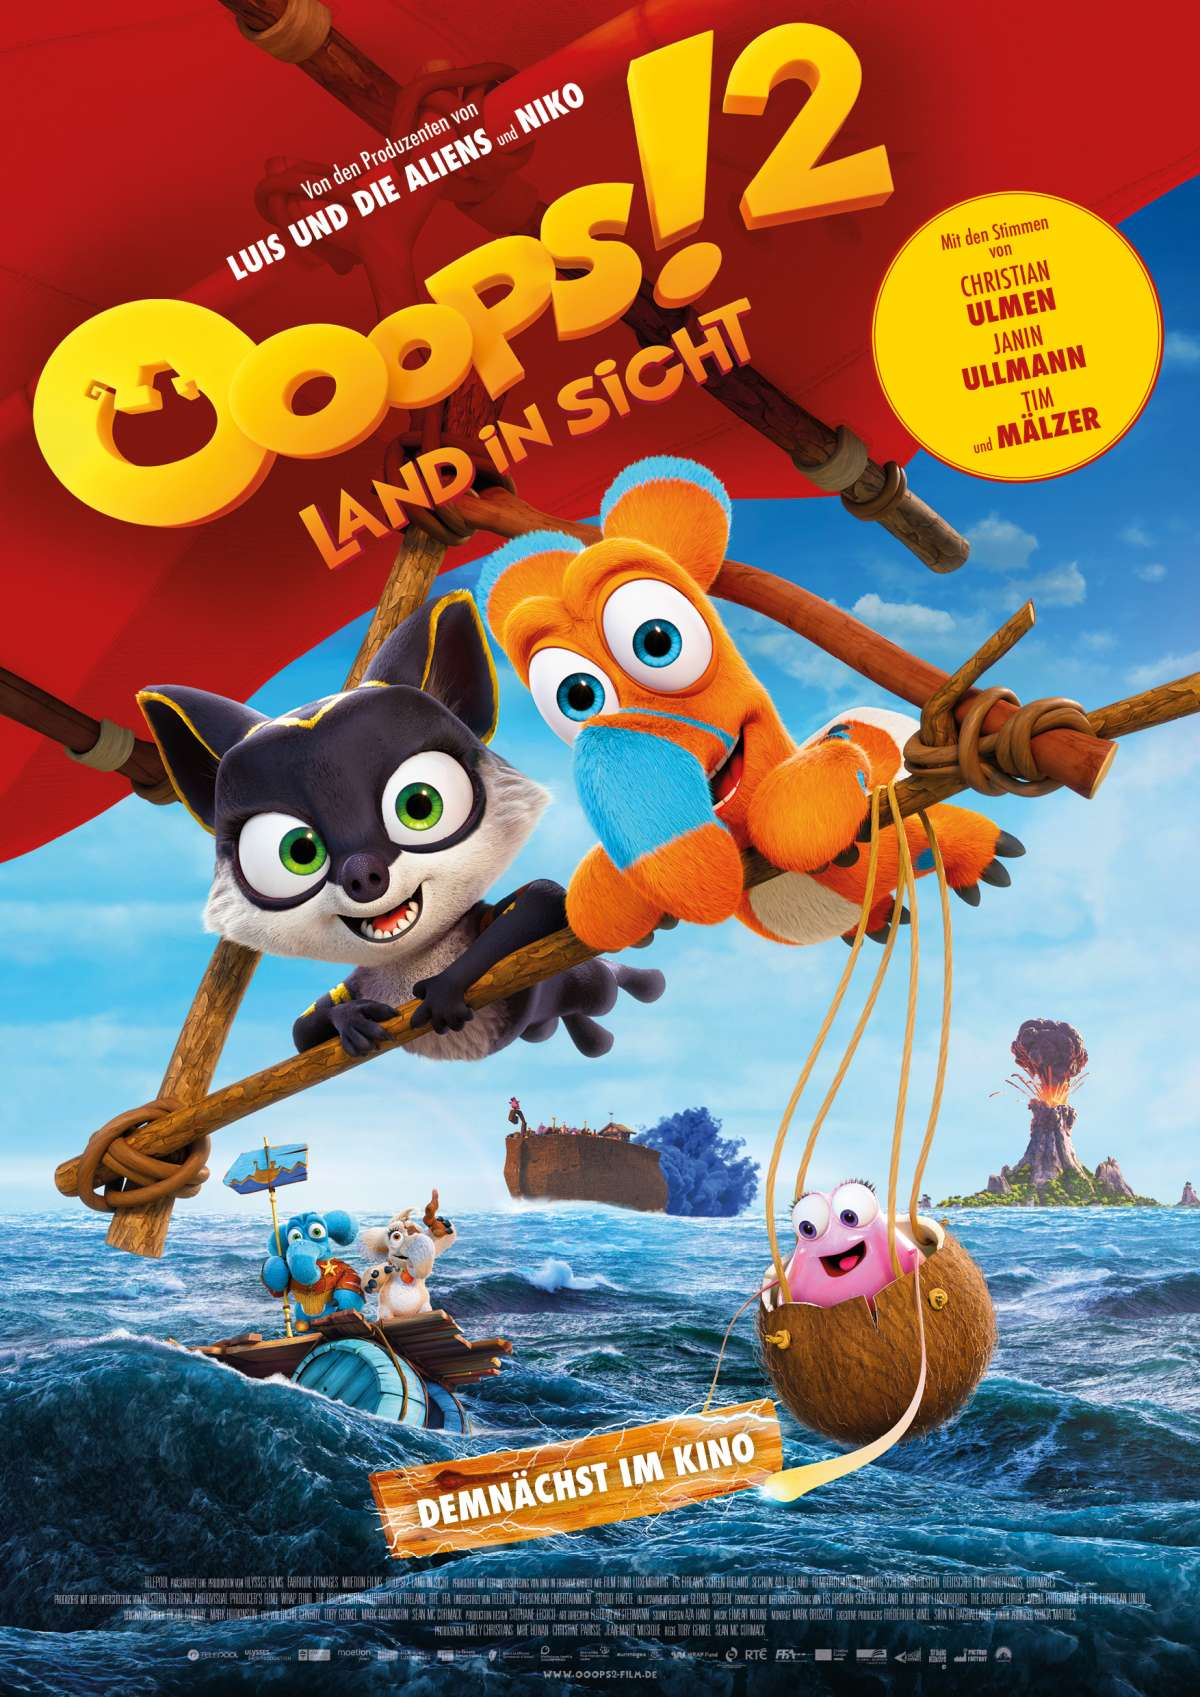 Ooops! 2 - Land in Sicht - Cineplex  - Warburg